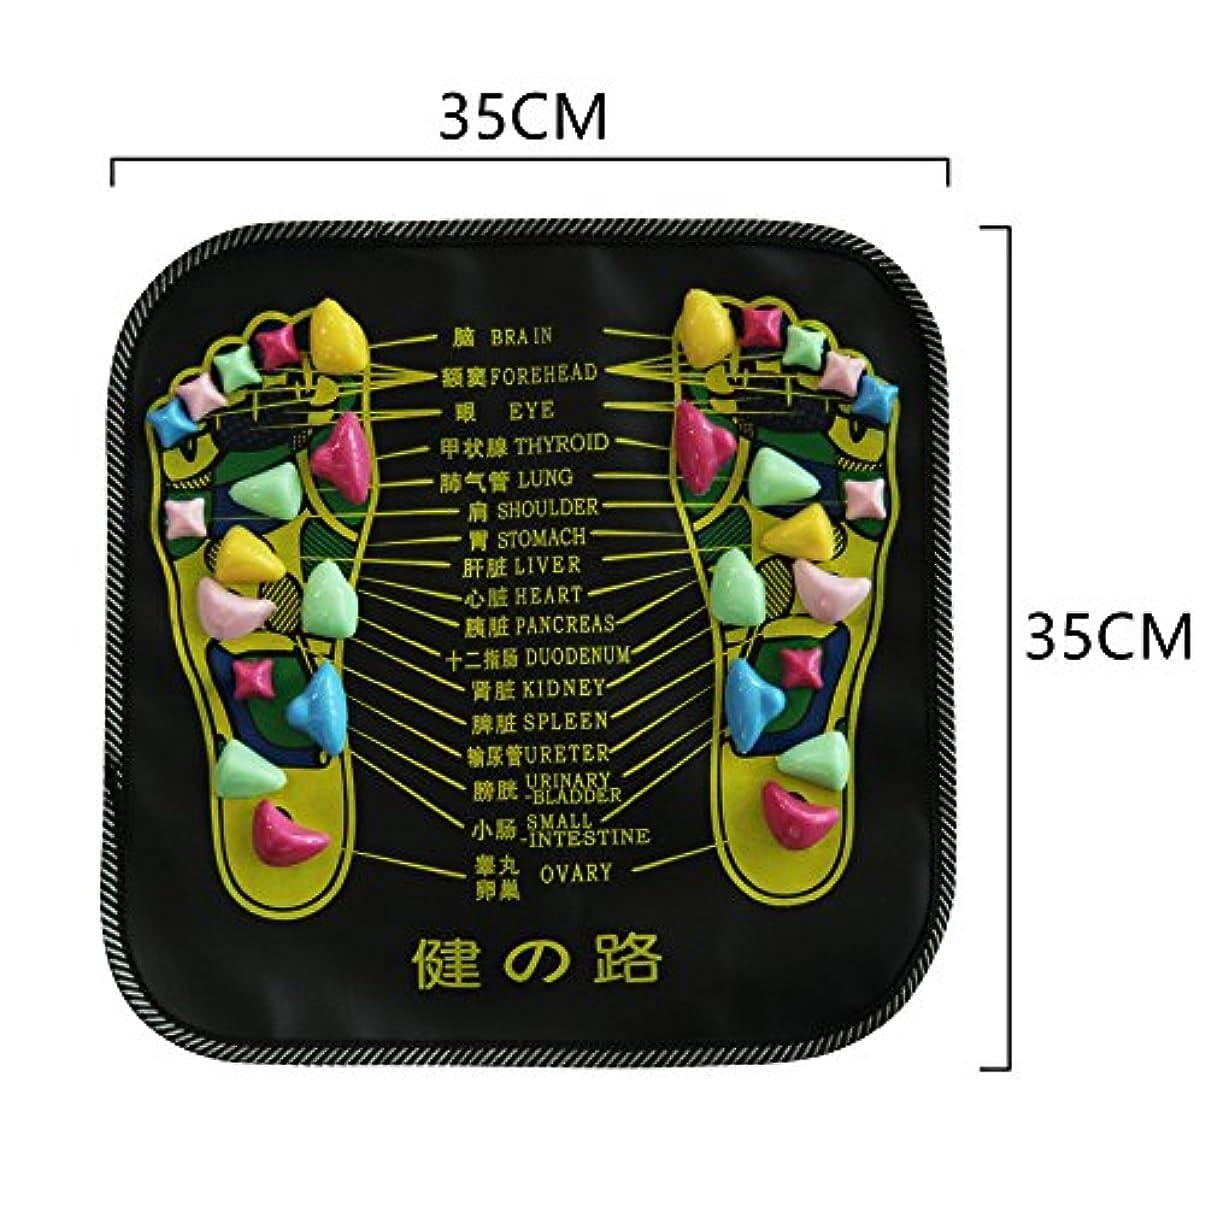 健康足つマット, 足ツボ 刺激, 模造石畳の歩道室内運動, マッサージ 足裏 健康 ツボ刺激, 足のマッサージブランケット, 模造ペブルのマッサージパッド指圧板 (35CM*35CM)